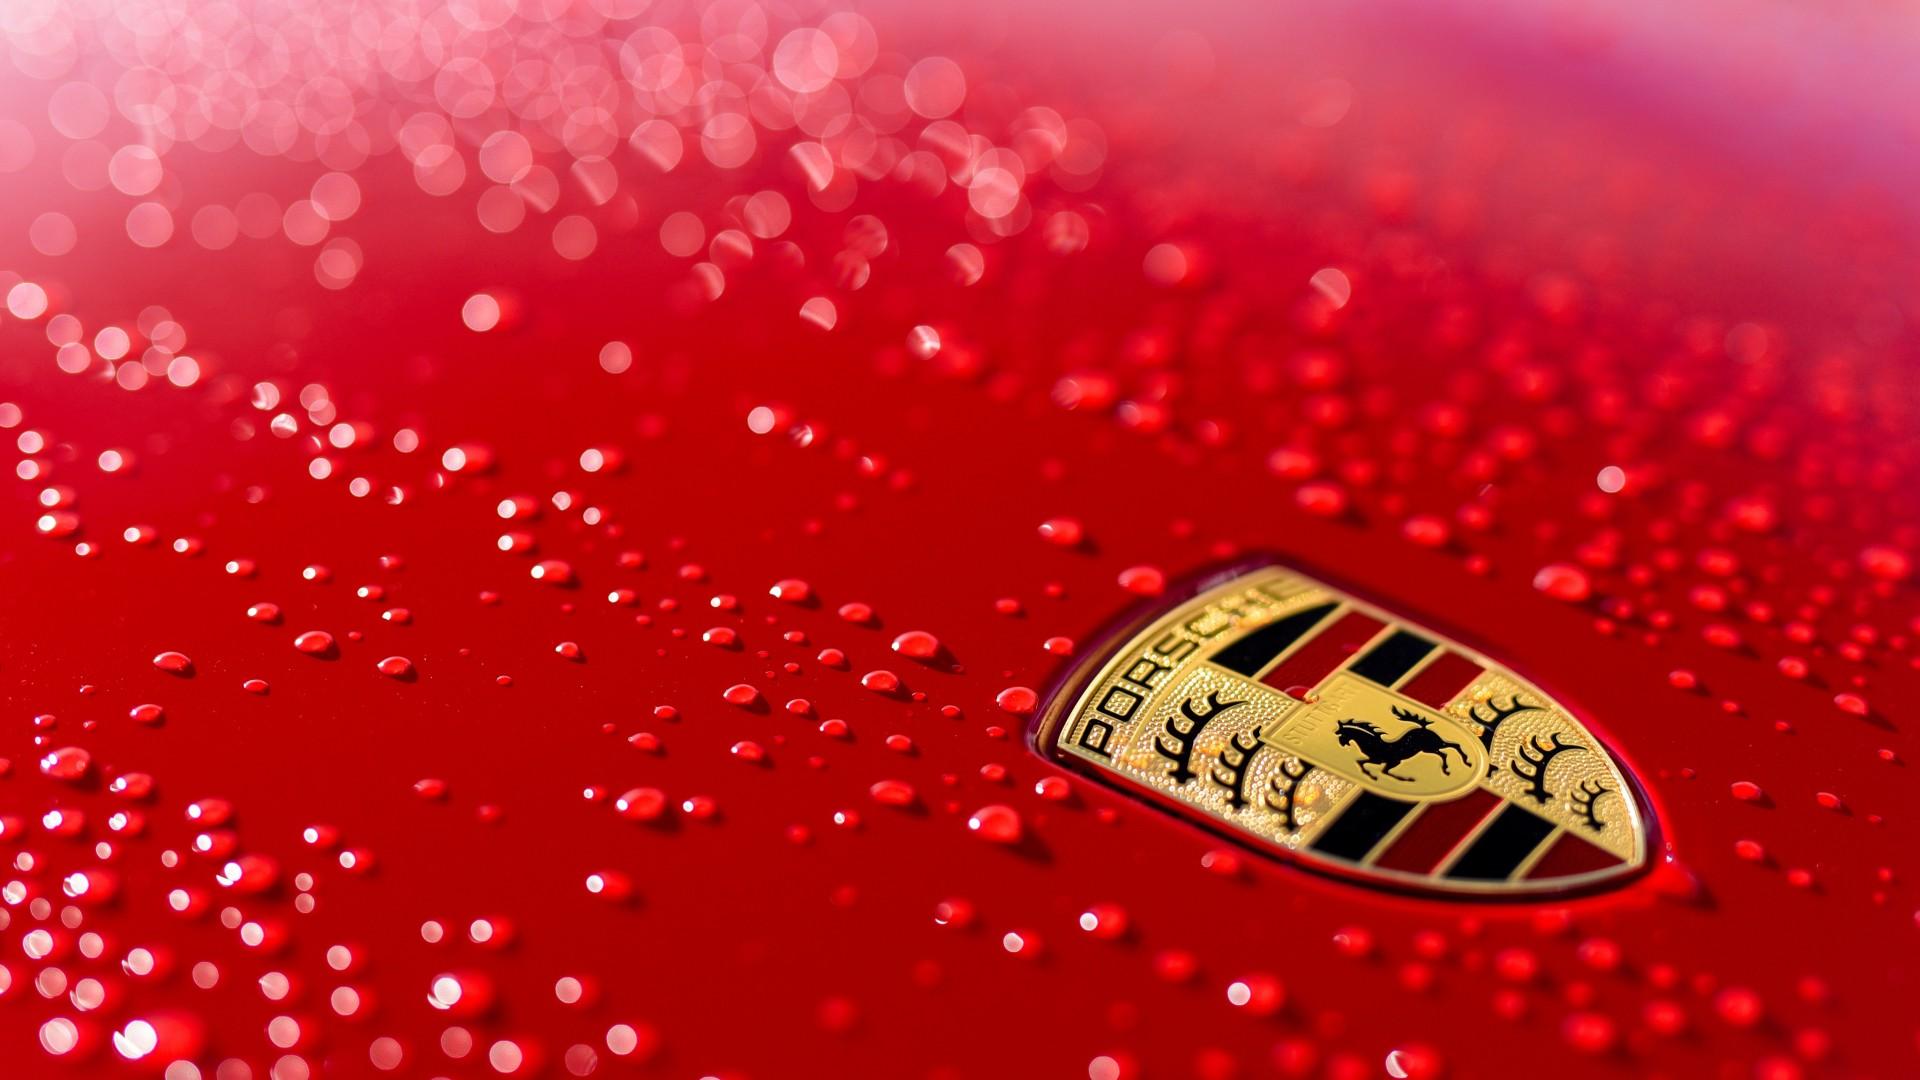 Jaguar Car Logo Hd Wallpaper Download Porsche 911 Logo 4k Wallpaper Hd Car Wallpapers Id 9234